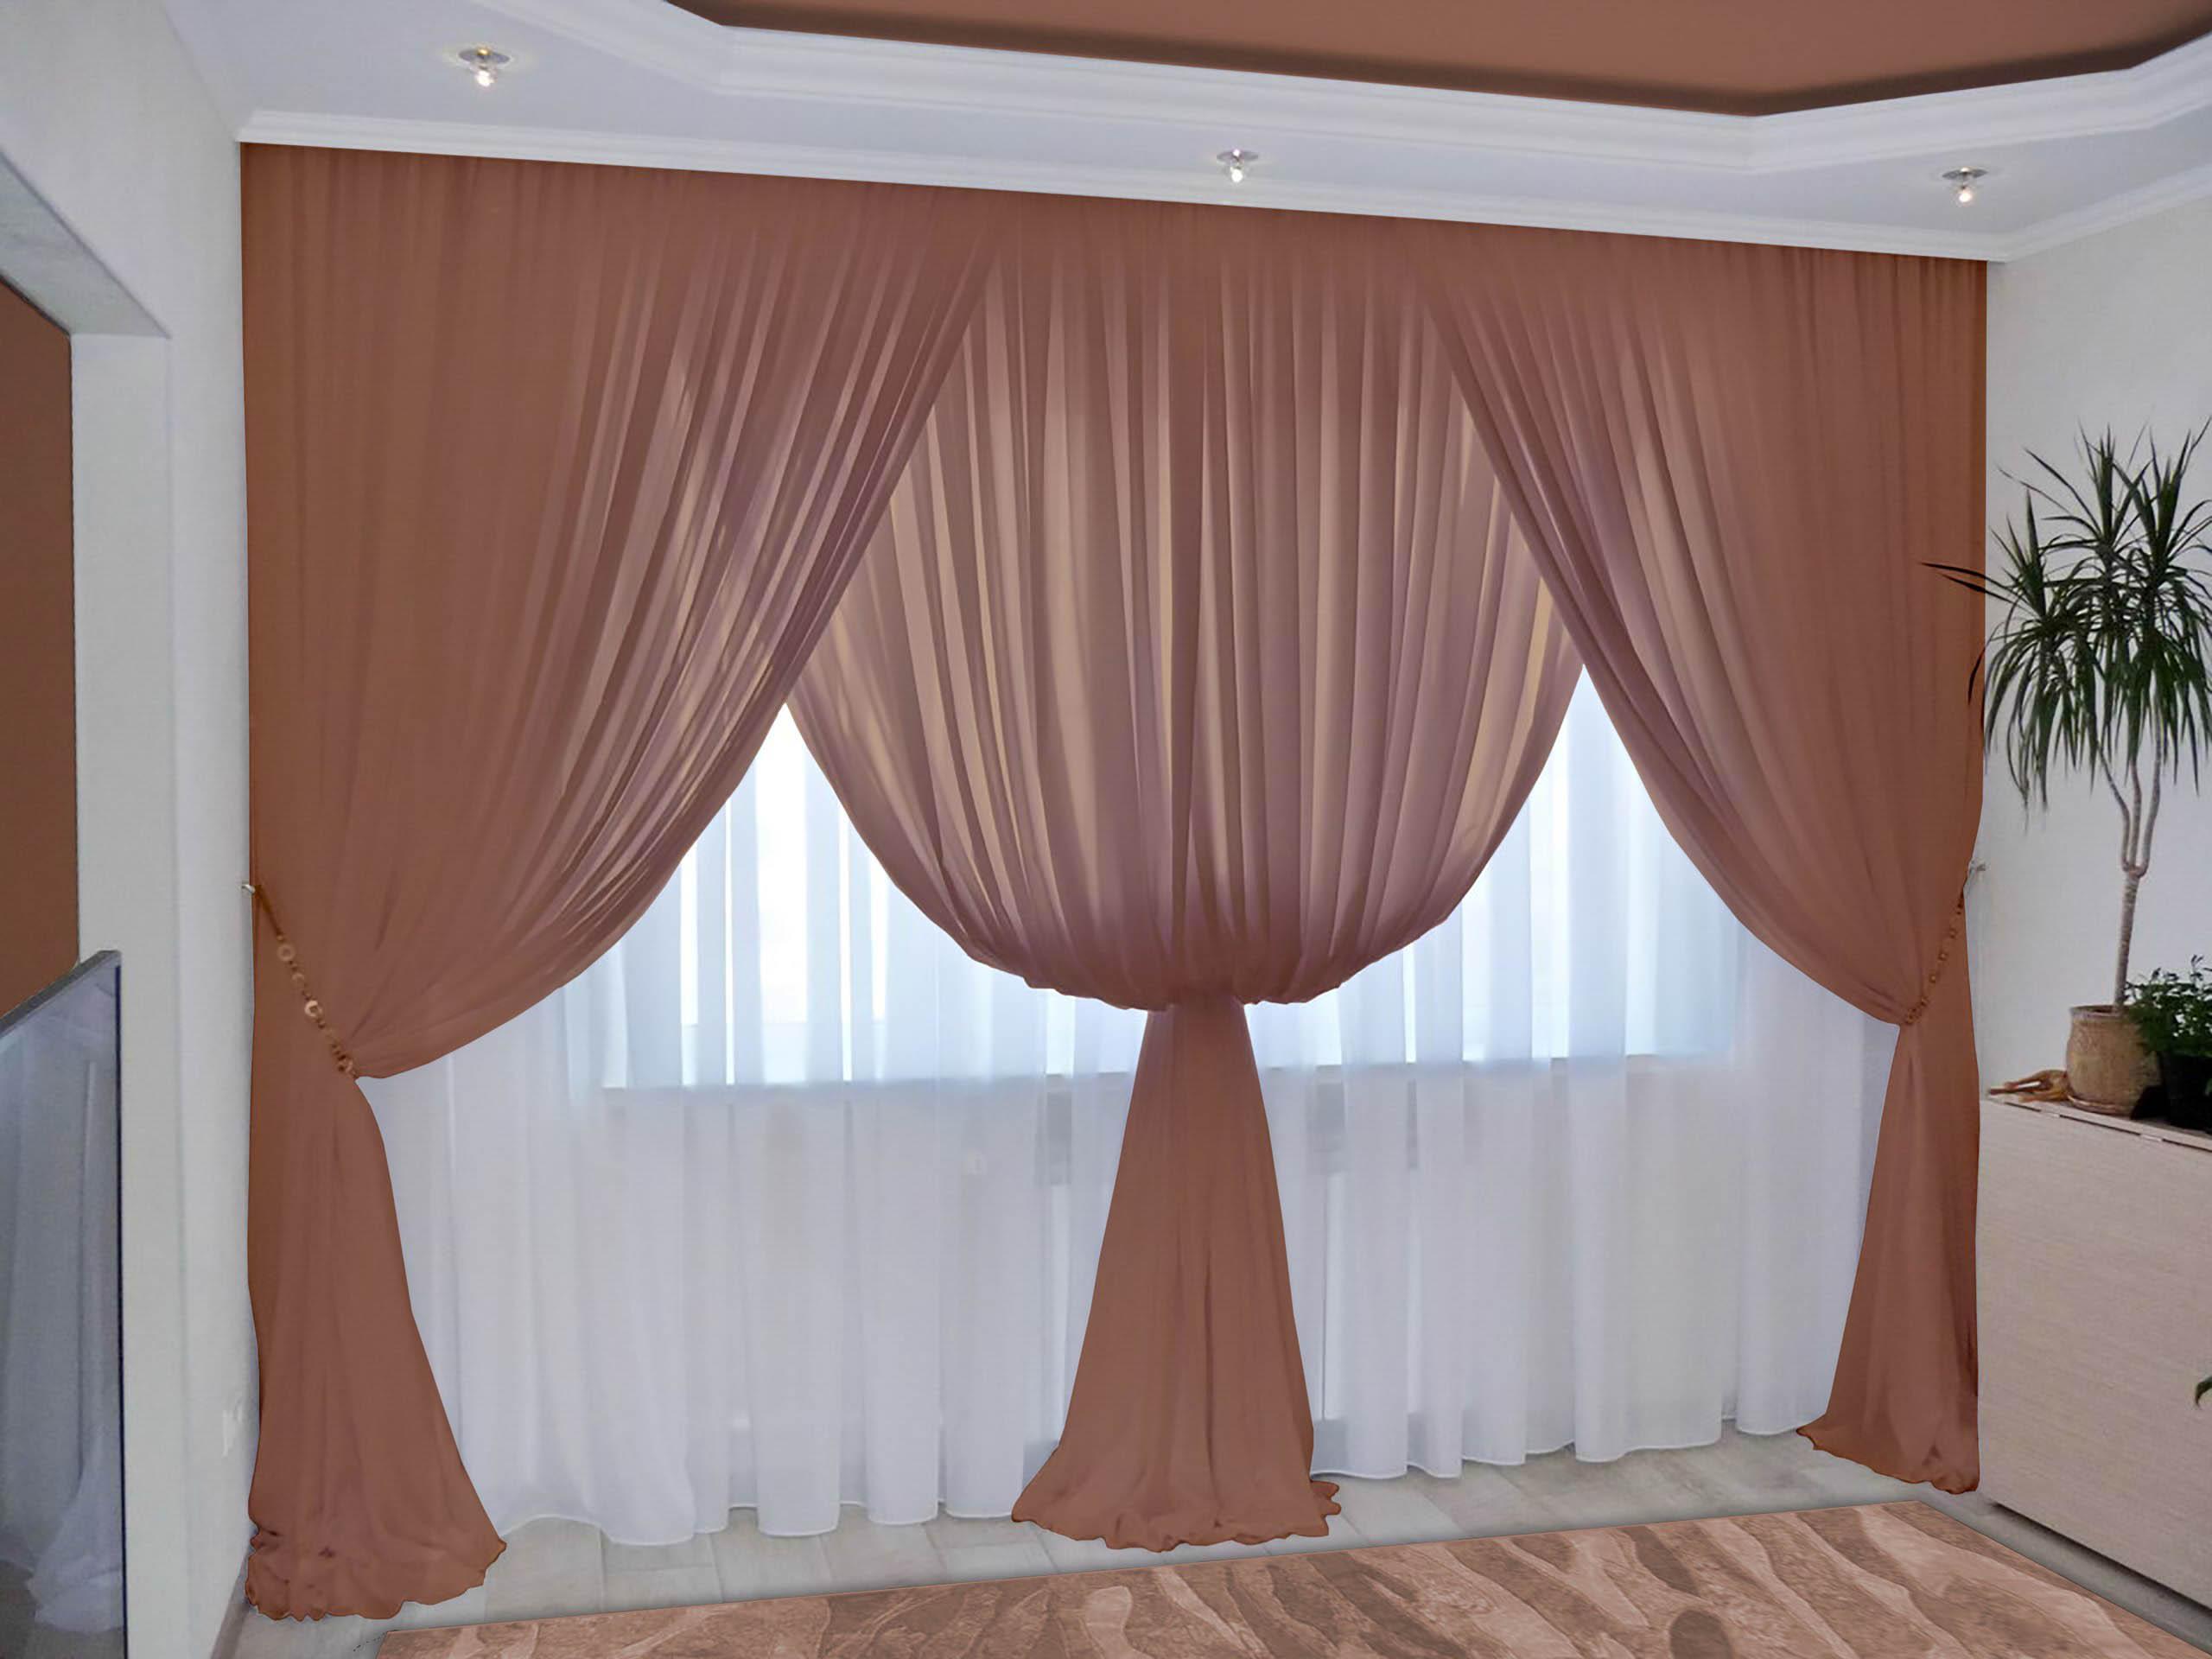 Шторы РеалТекс Классические шторы Augustine Цвет: Шоколад шторы реалтекс классические шторы alberta цвет персиковый молочный